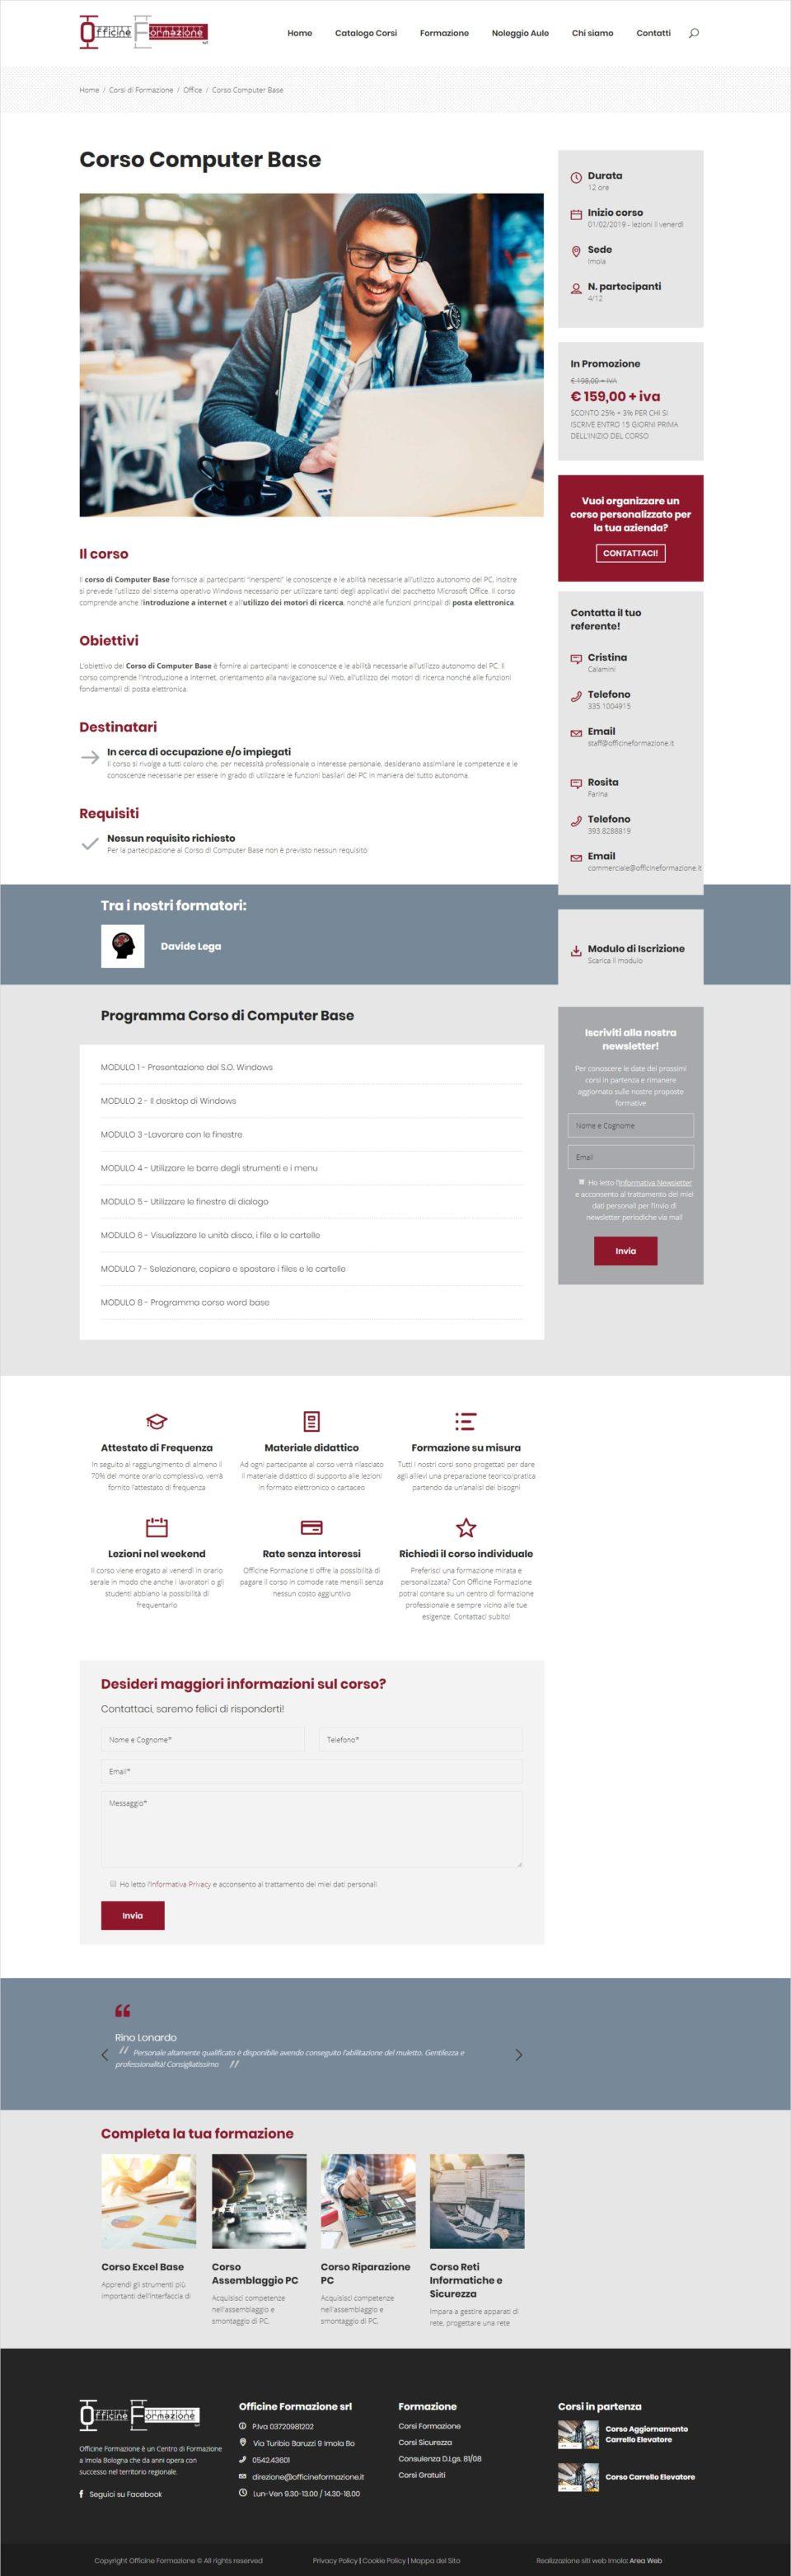 realizzazione sito web officine formazione imola - scheda corso - area web imola